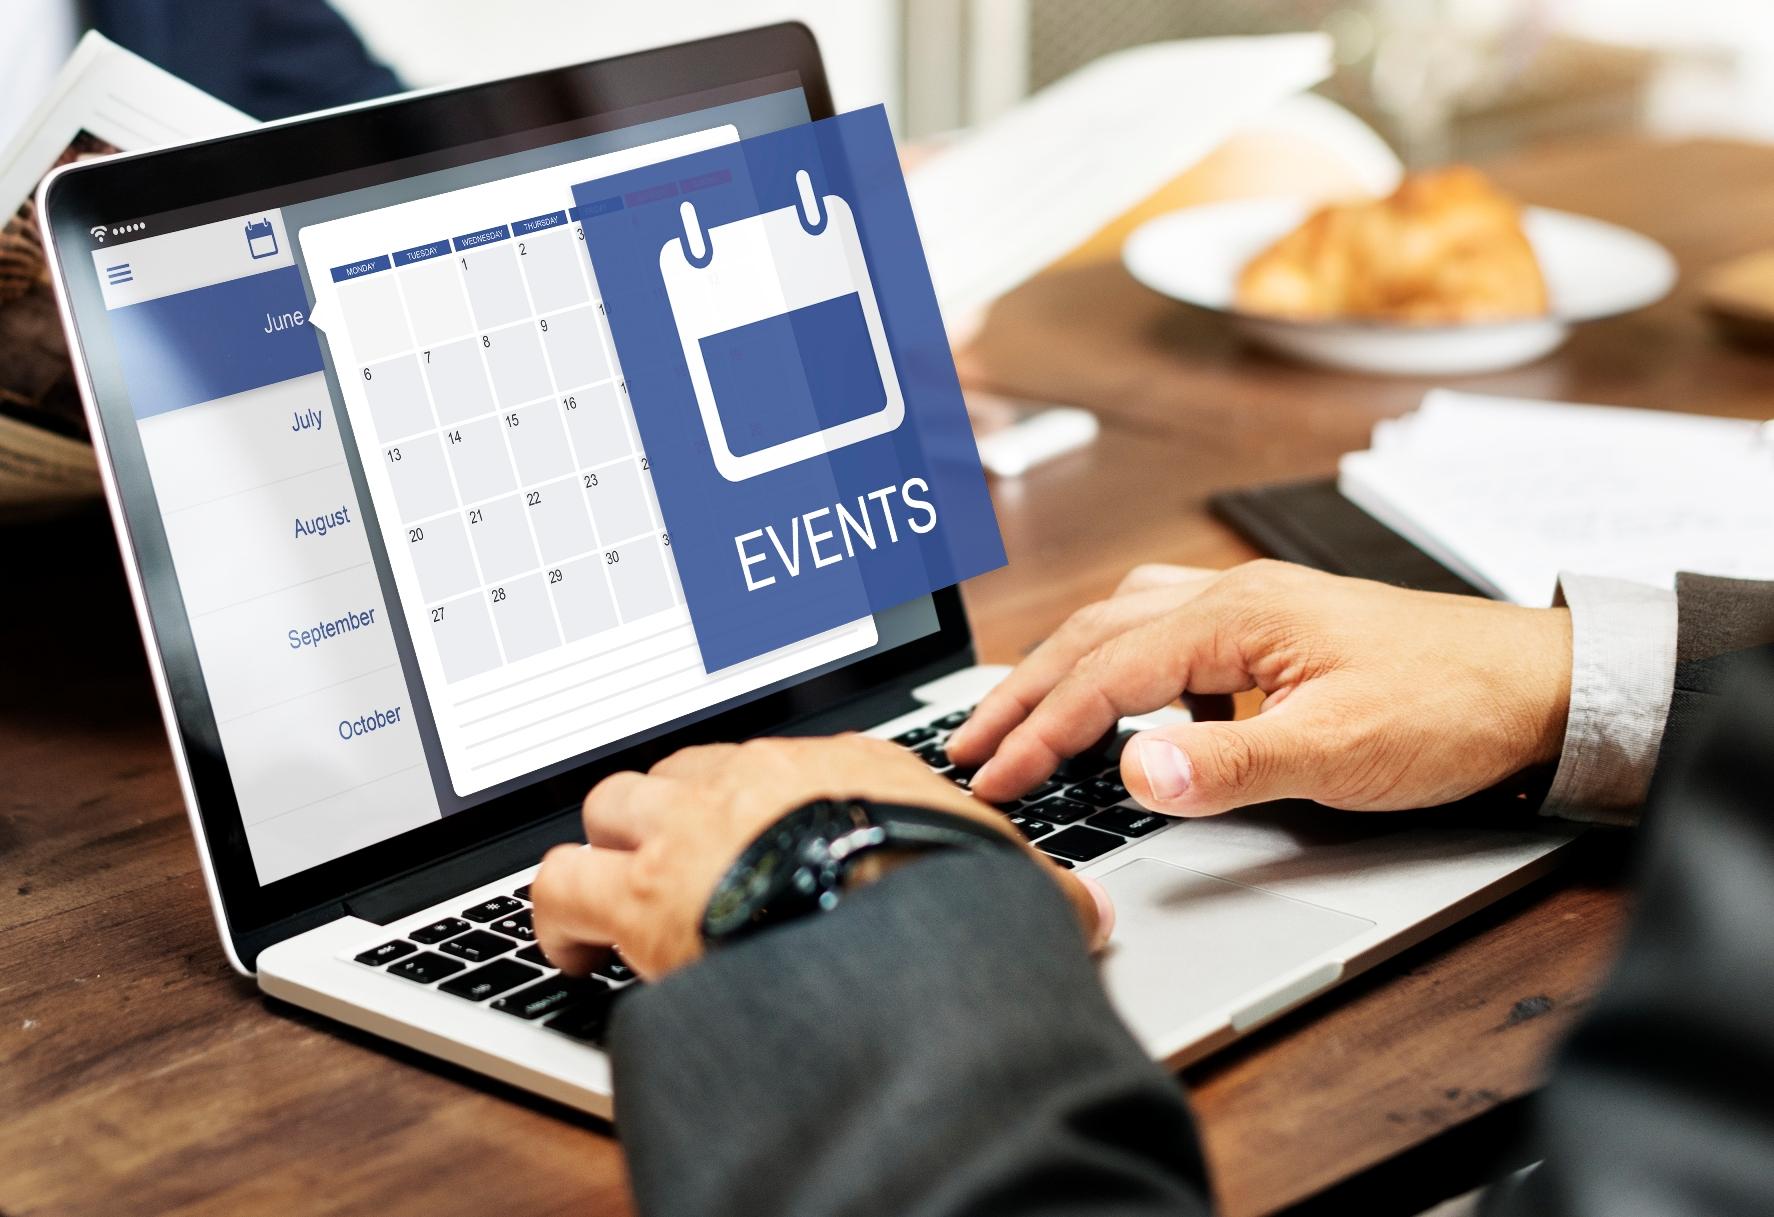 Kalender und Events